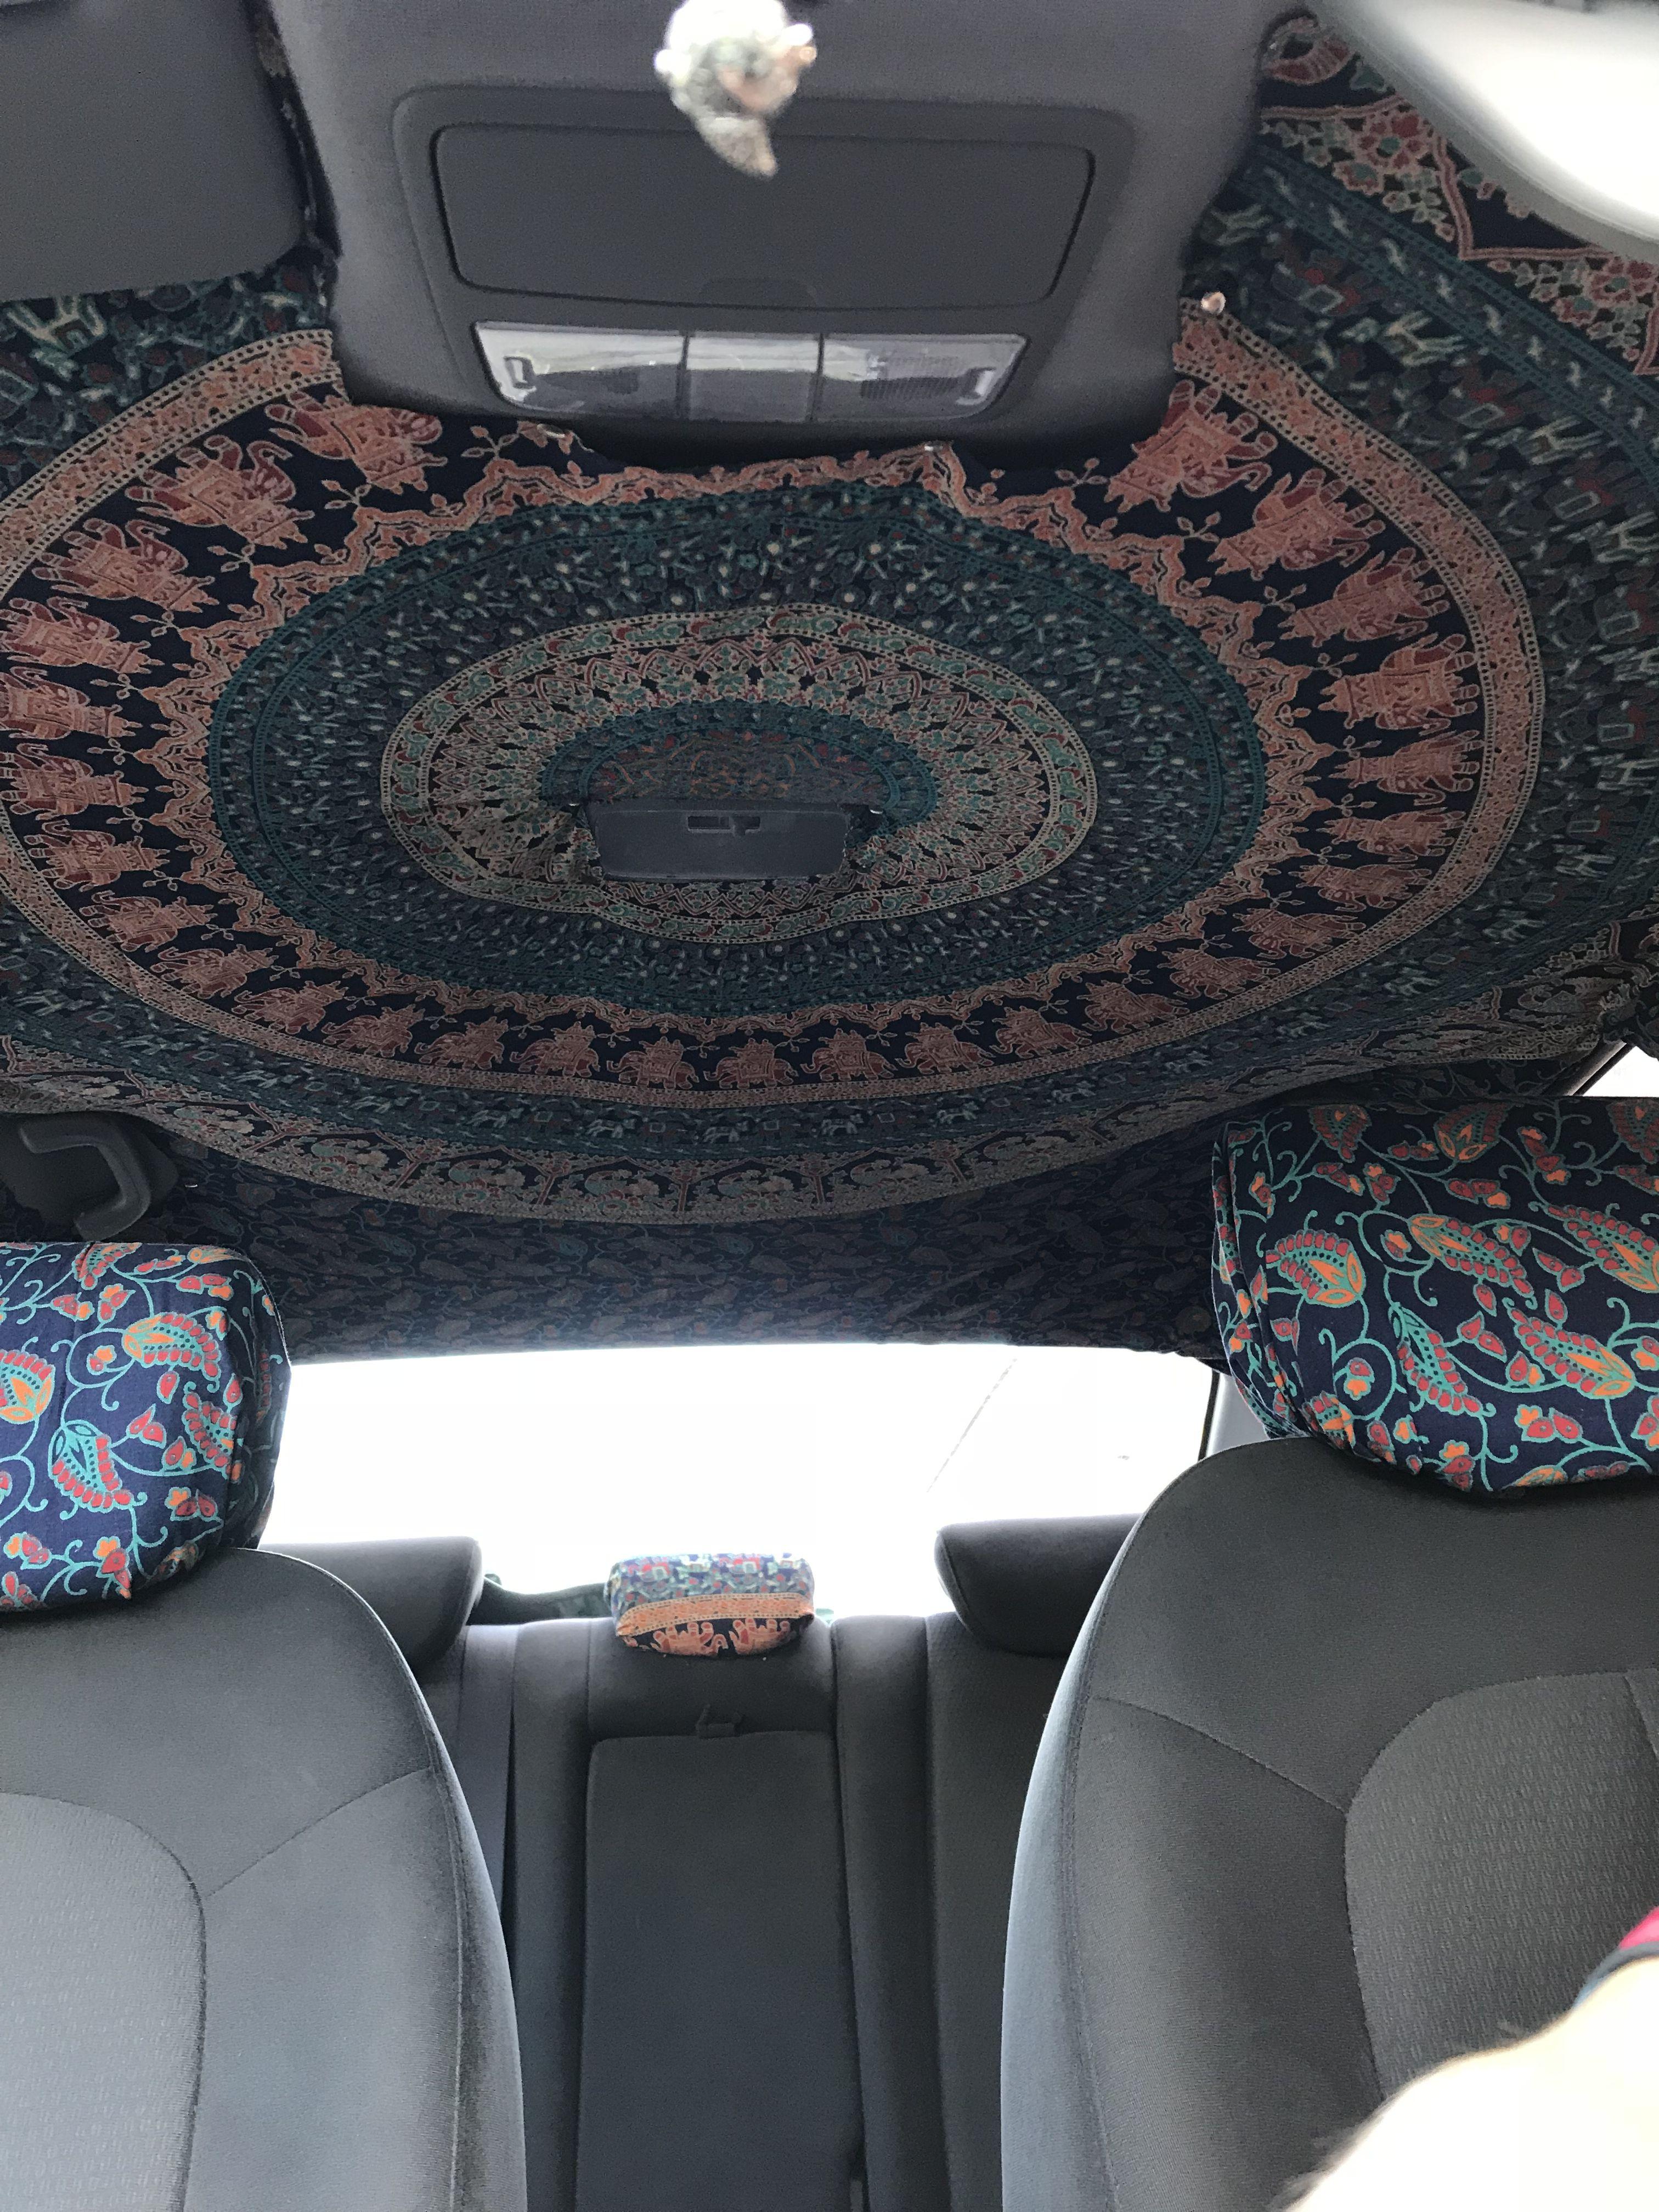 Wall Blanket On Car Ceiling Cute Car Accessories Hippie Car